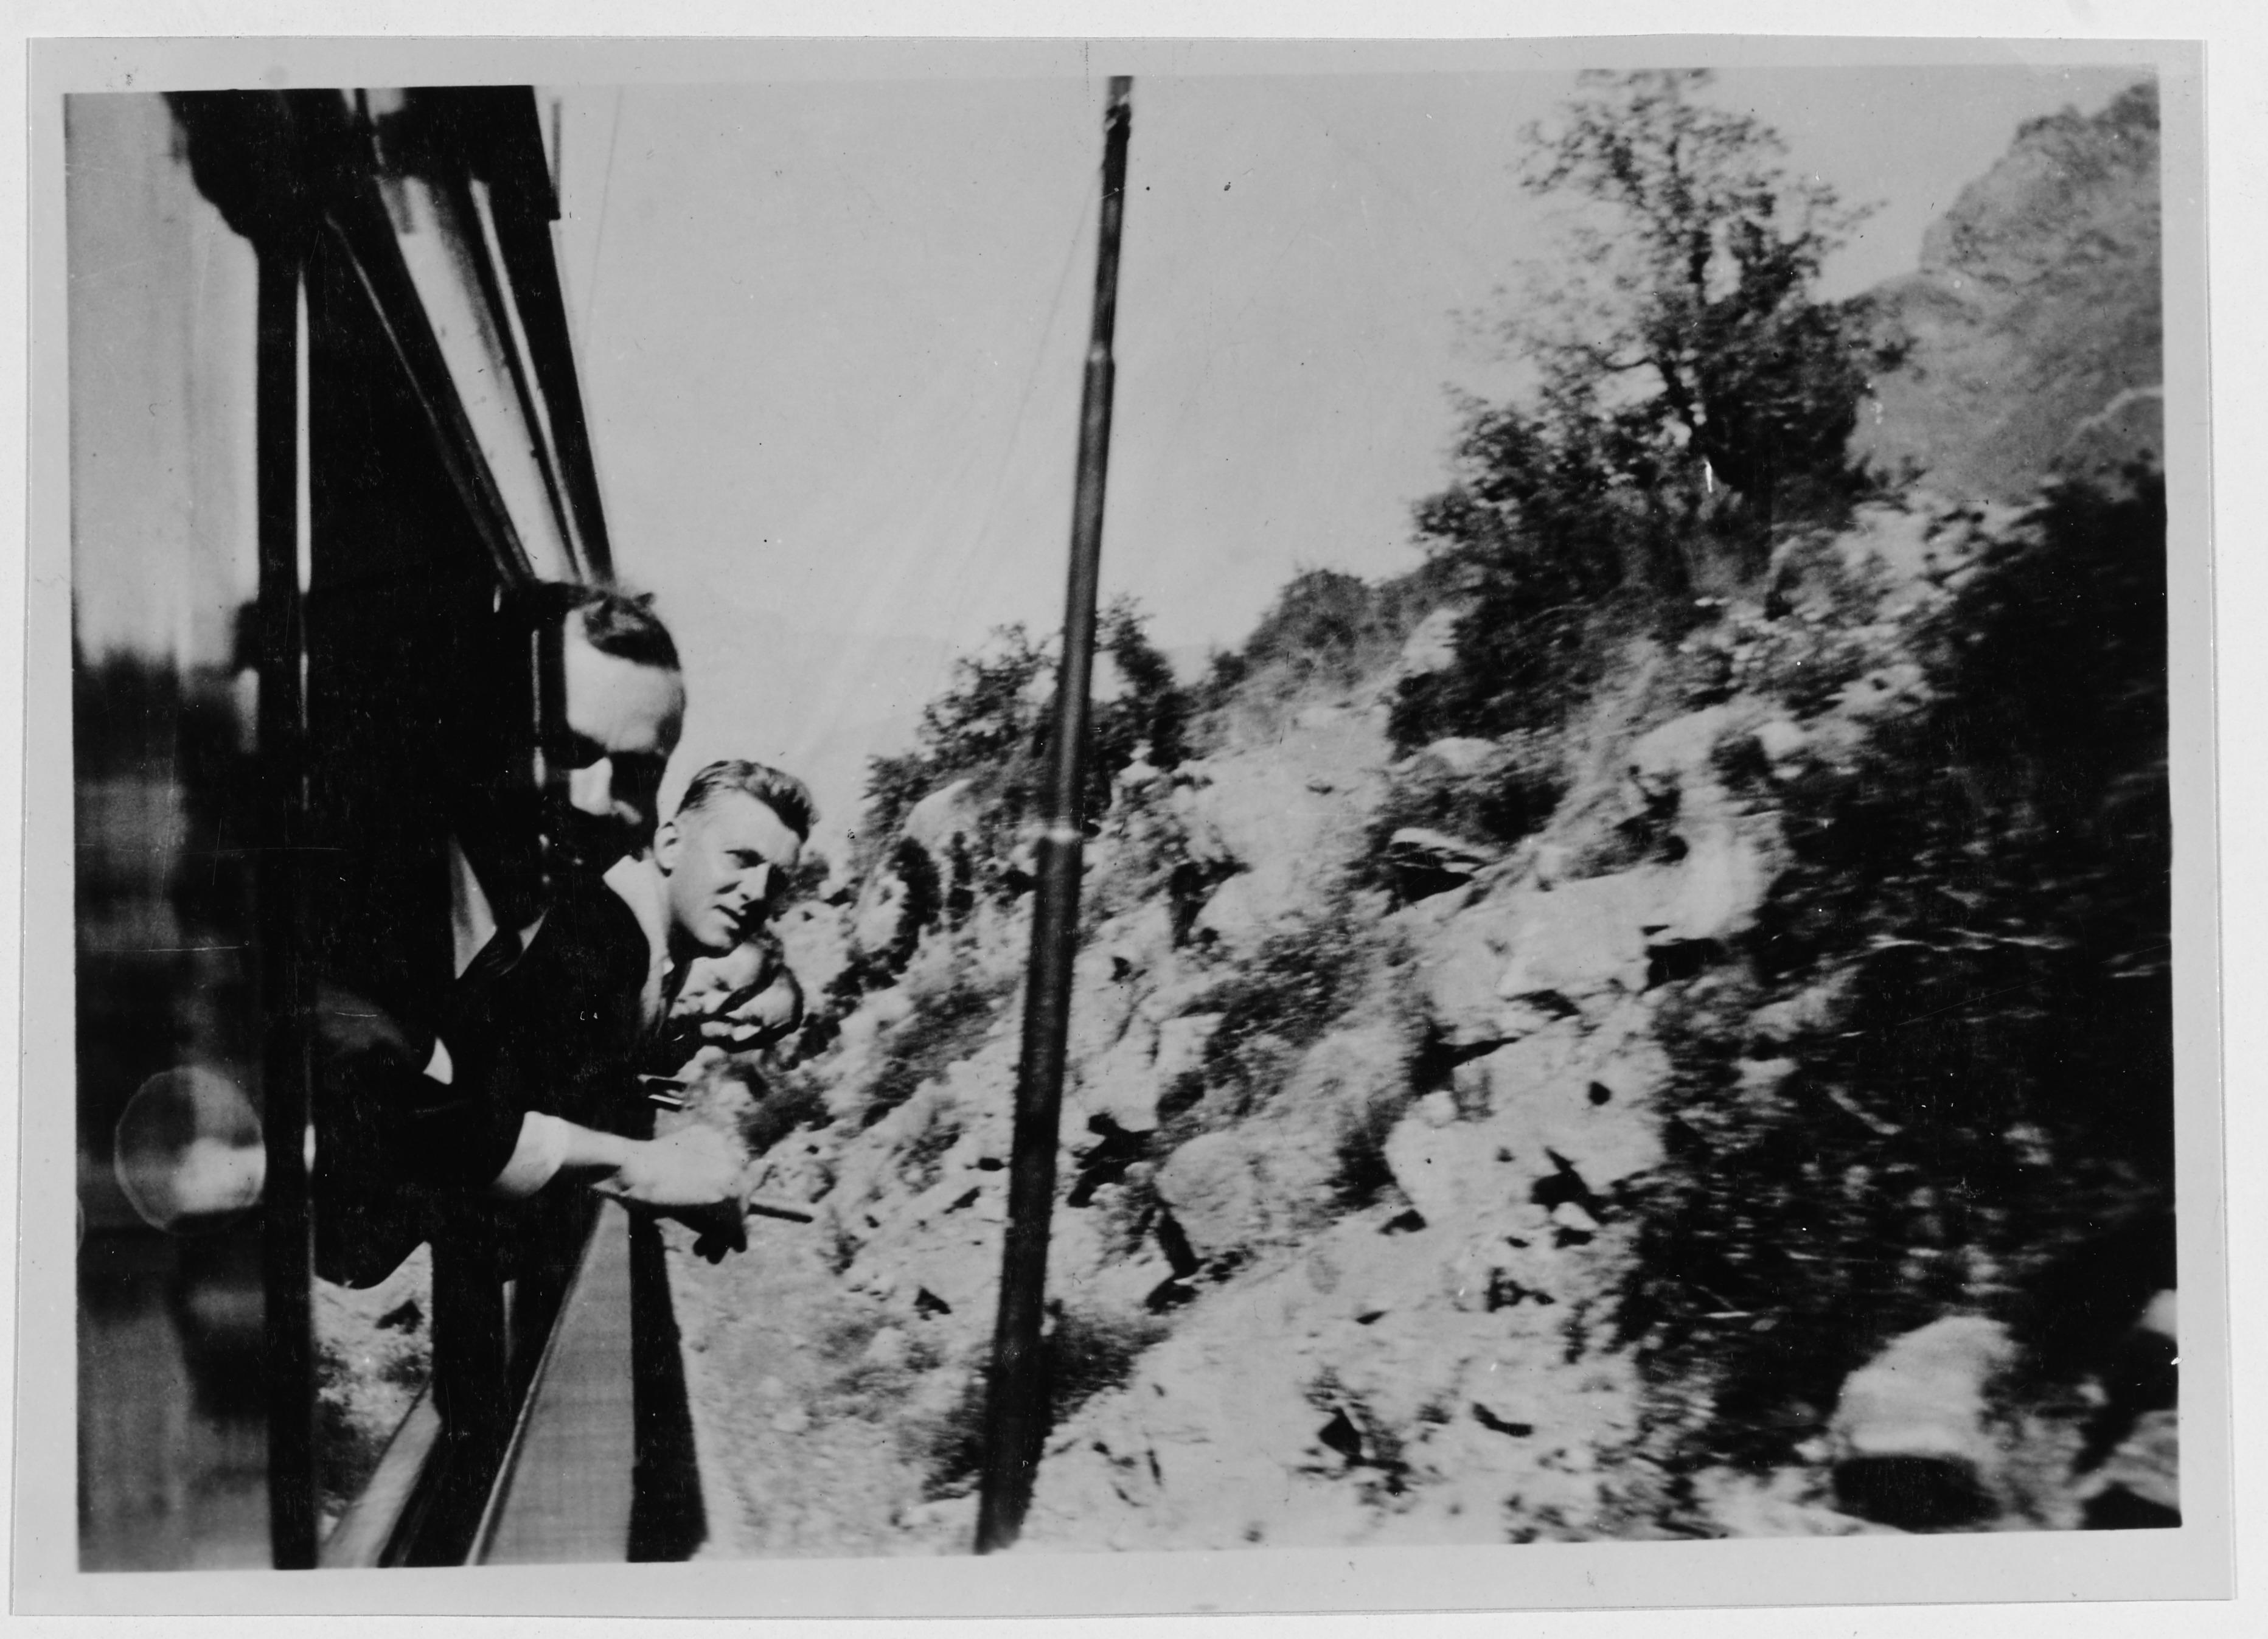 Enterreno - Fotos históricas de chile - fotos antiguas de Chile - Tren Cordillera de los Andes,1928